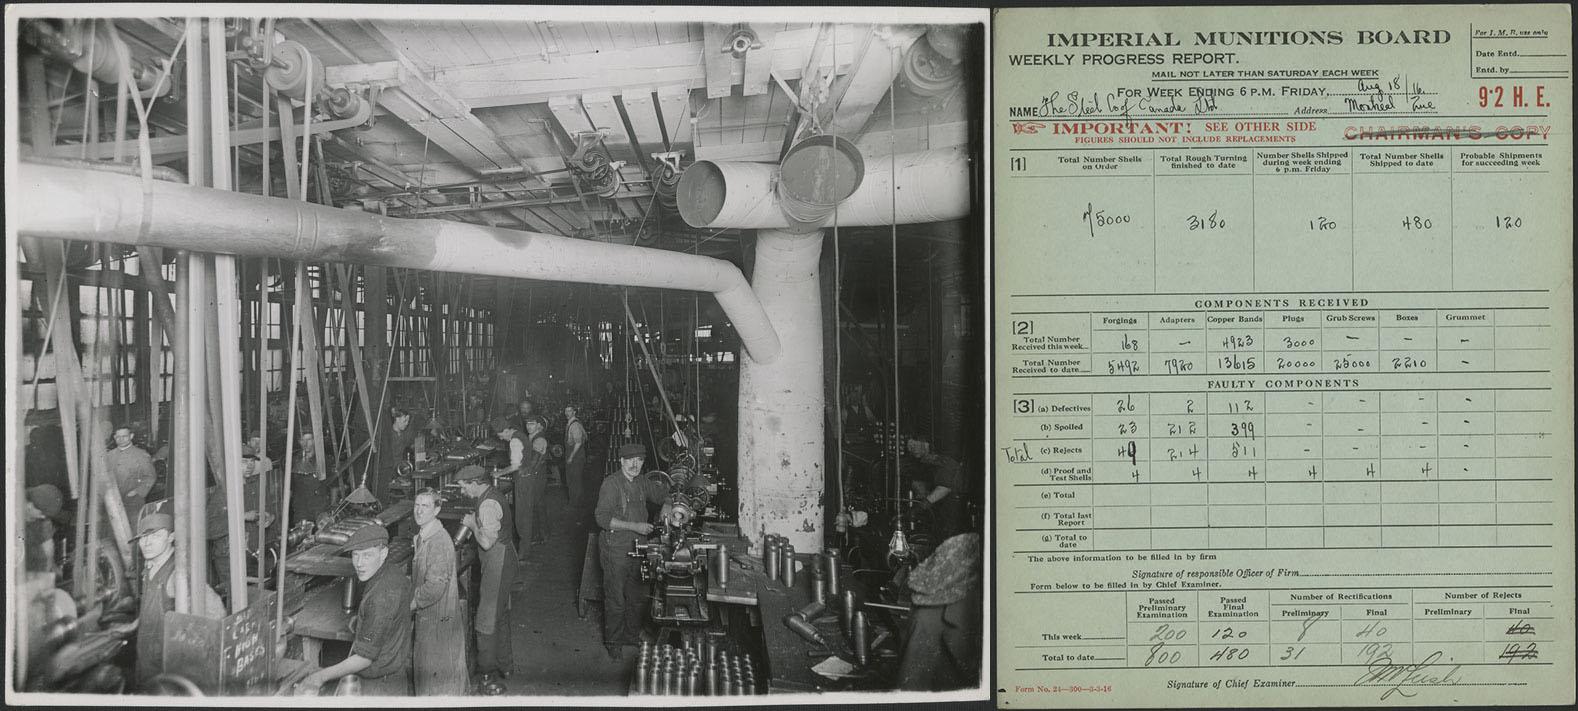 À gauche, photographie noir et blanc d'ouvriers travaillant dans une chaîne de fabrication d'obus. À droite, formulaire bleu de la Commission impériale des munitions montrant les progrès réalisés par une chaîne de production au cours d'une semaine donnée.